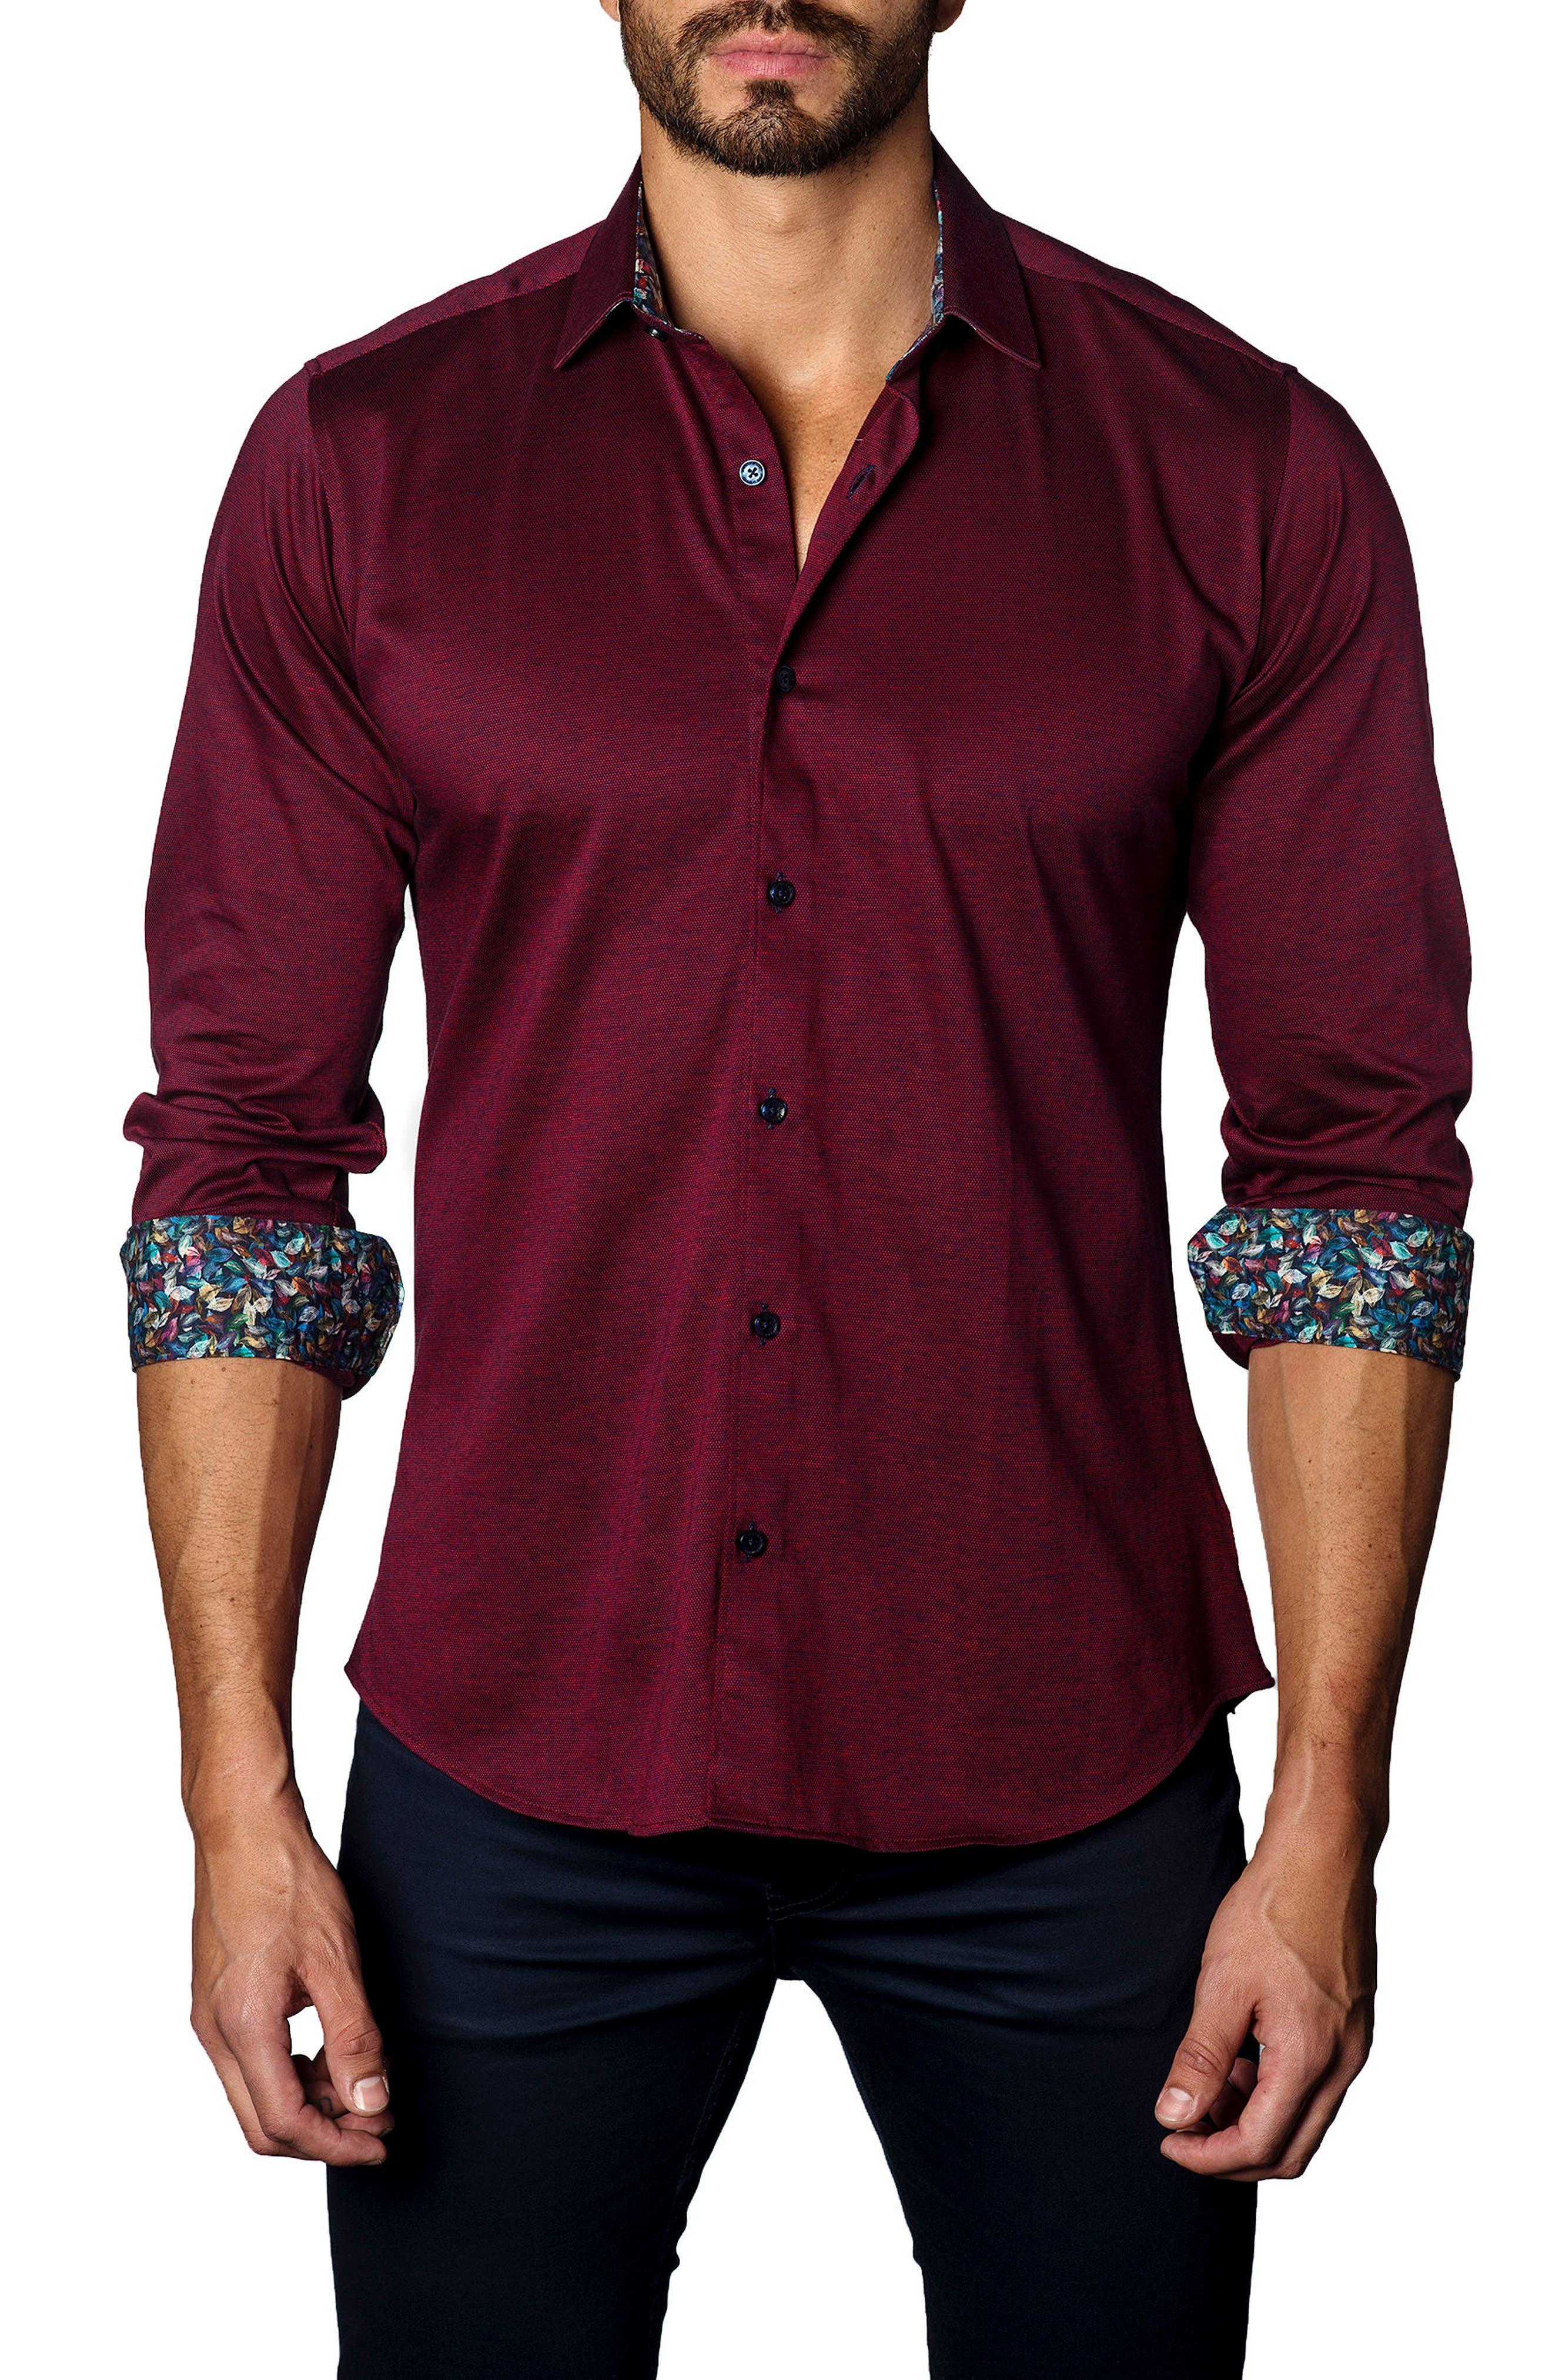 Alternate Image 1 Selected - Jared Lang Trim Fit Jewel Tone Sport Shirt